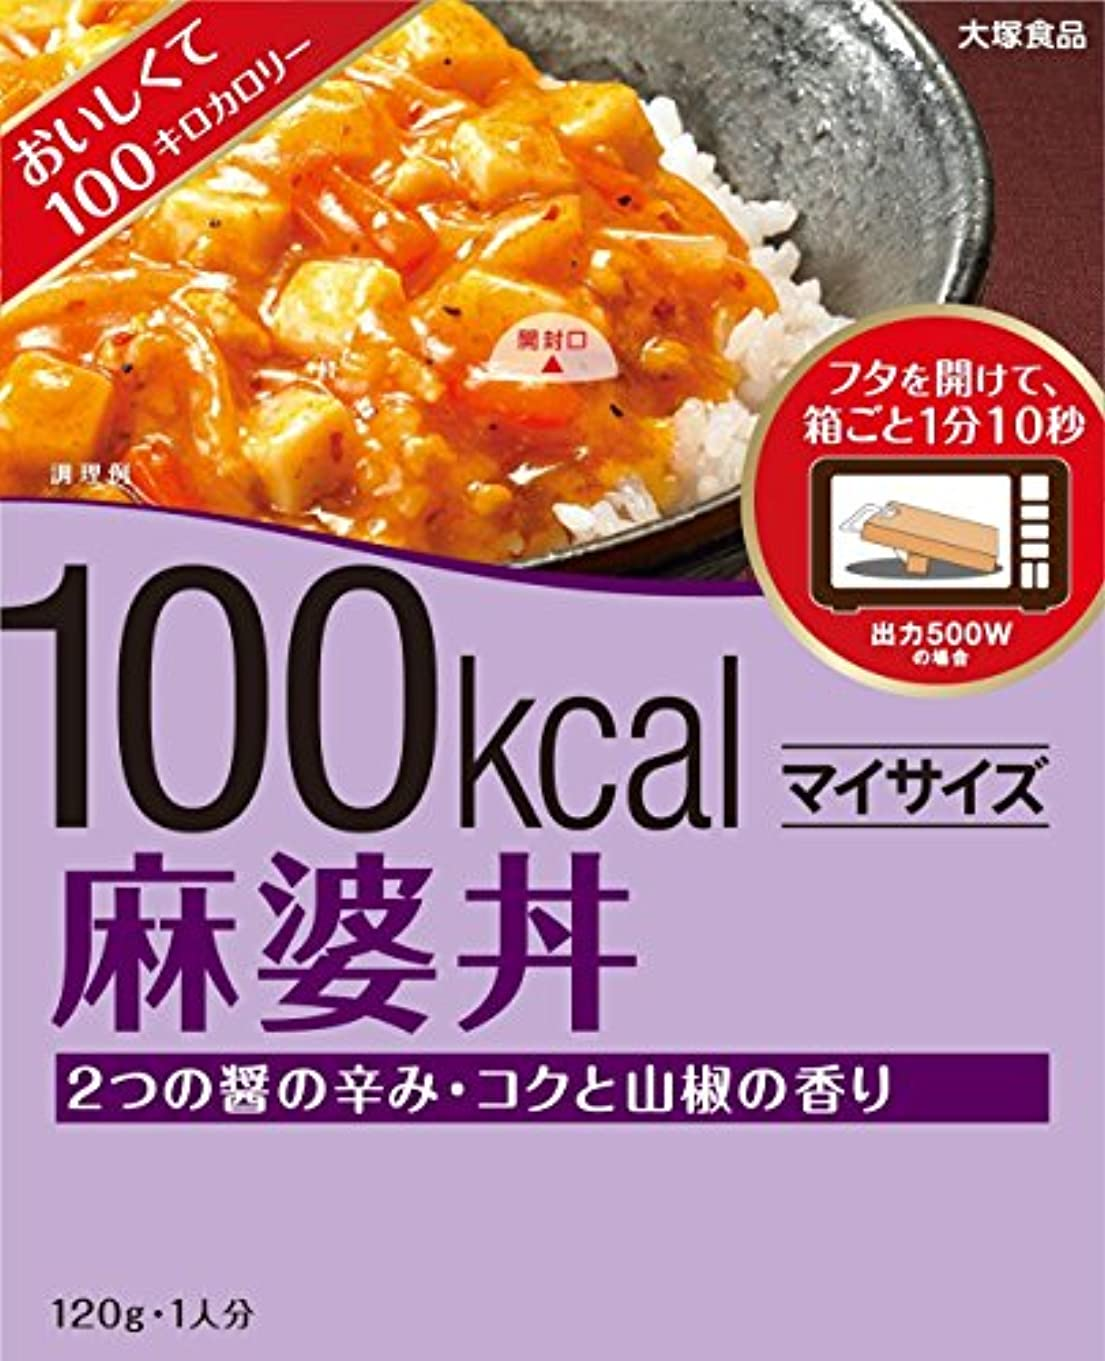 例地味な恐怖大塚 マイサイズ 麻婆丼 120g【5個セット】